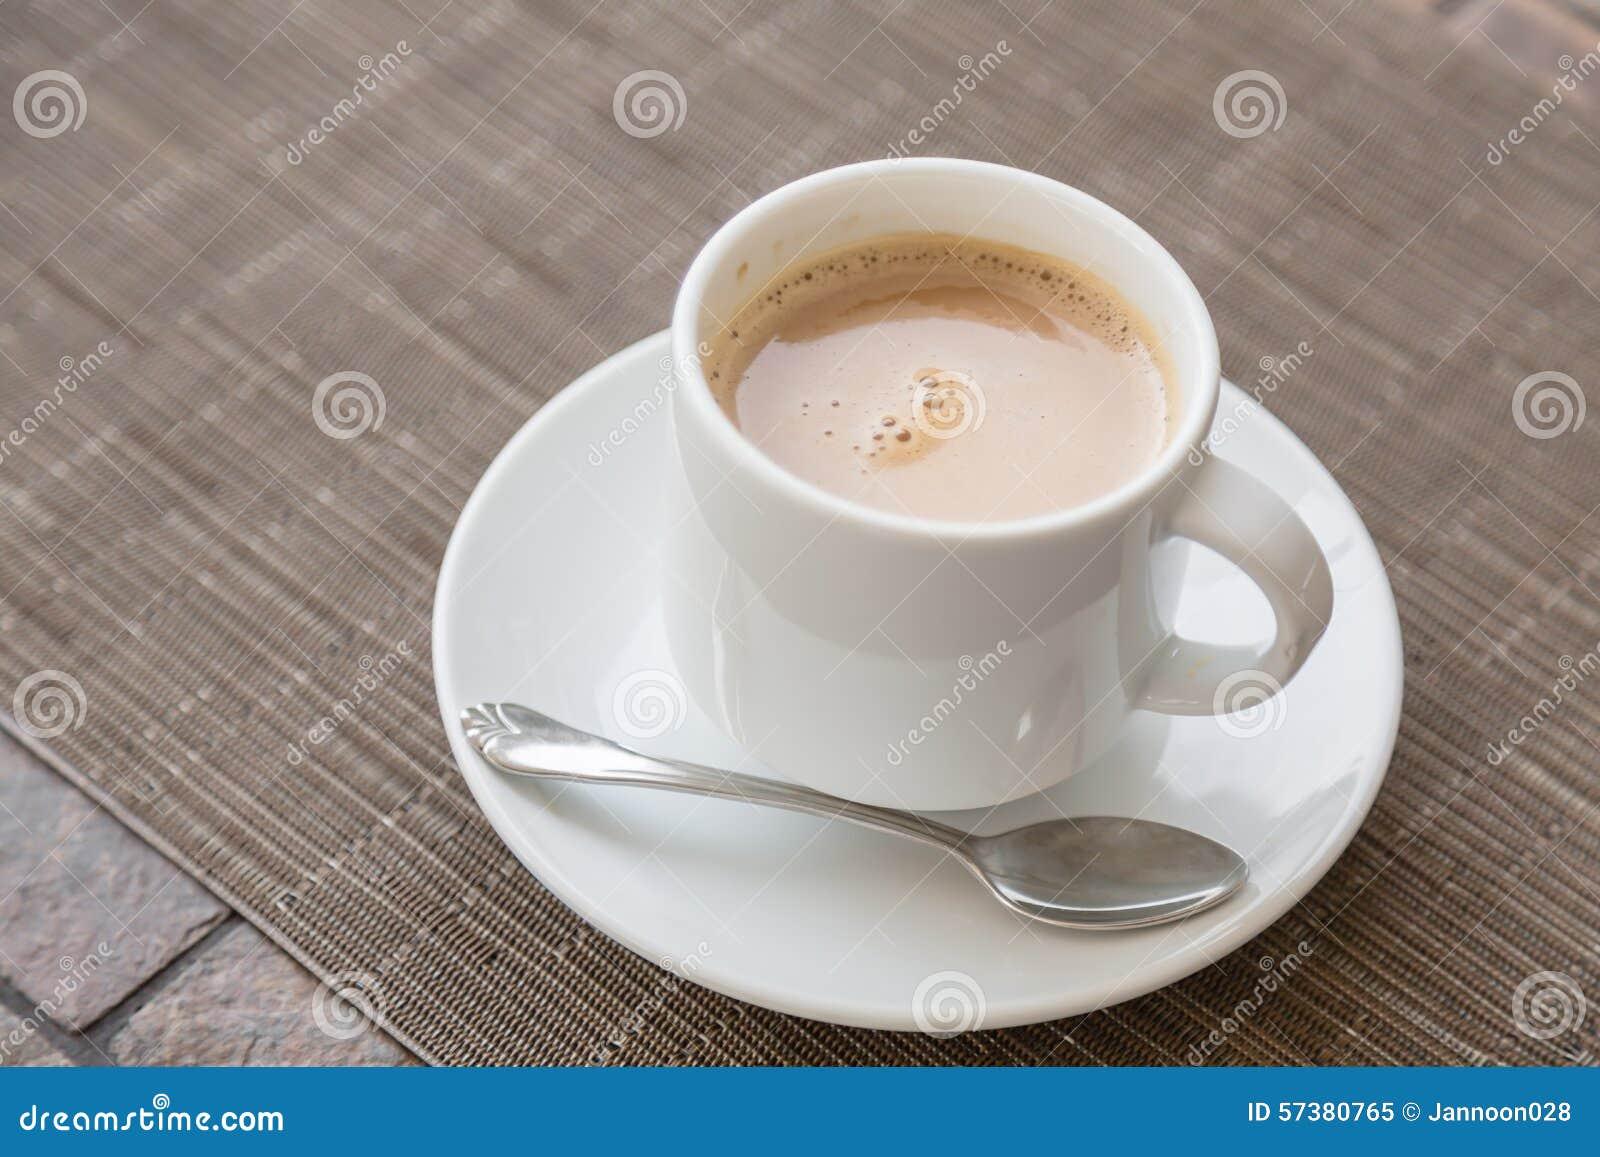 Koffie in witte kop